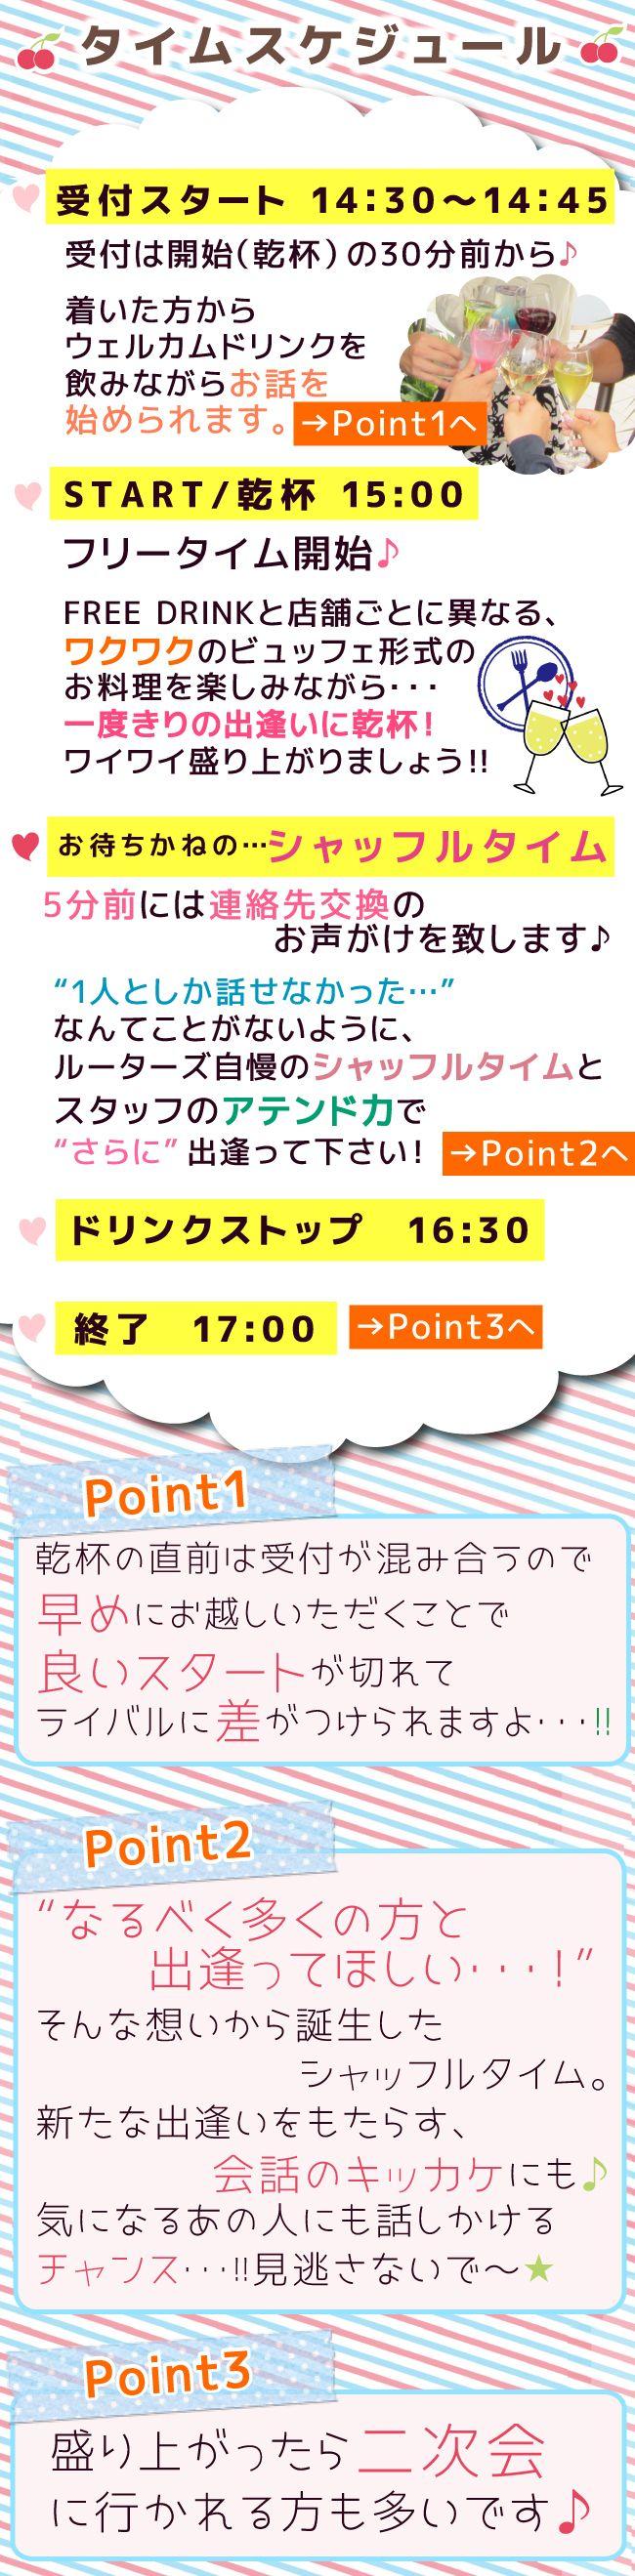 ☆他社1500-1700